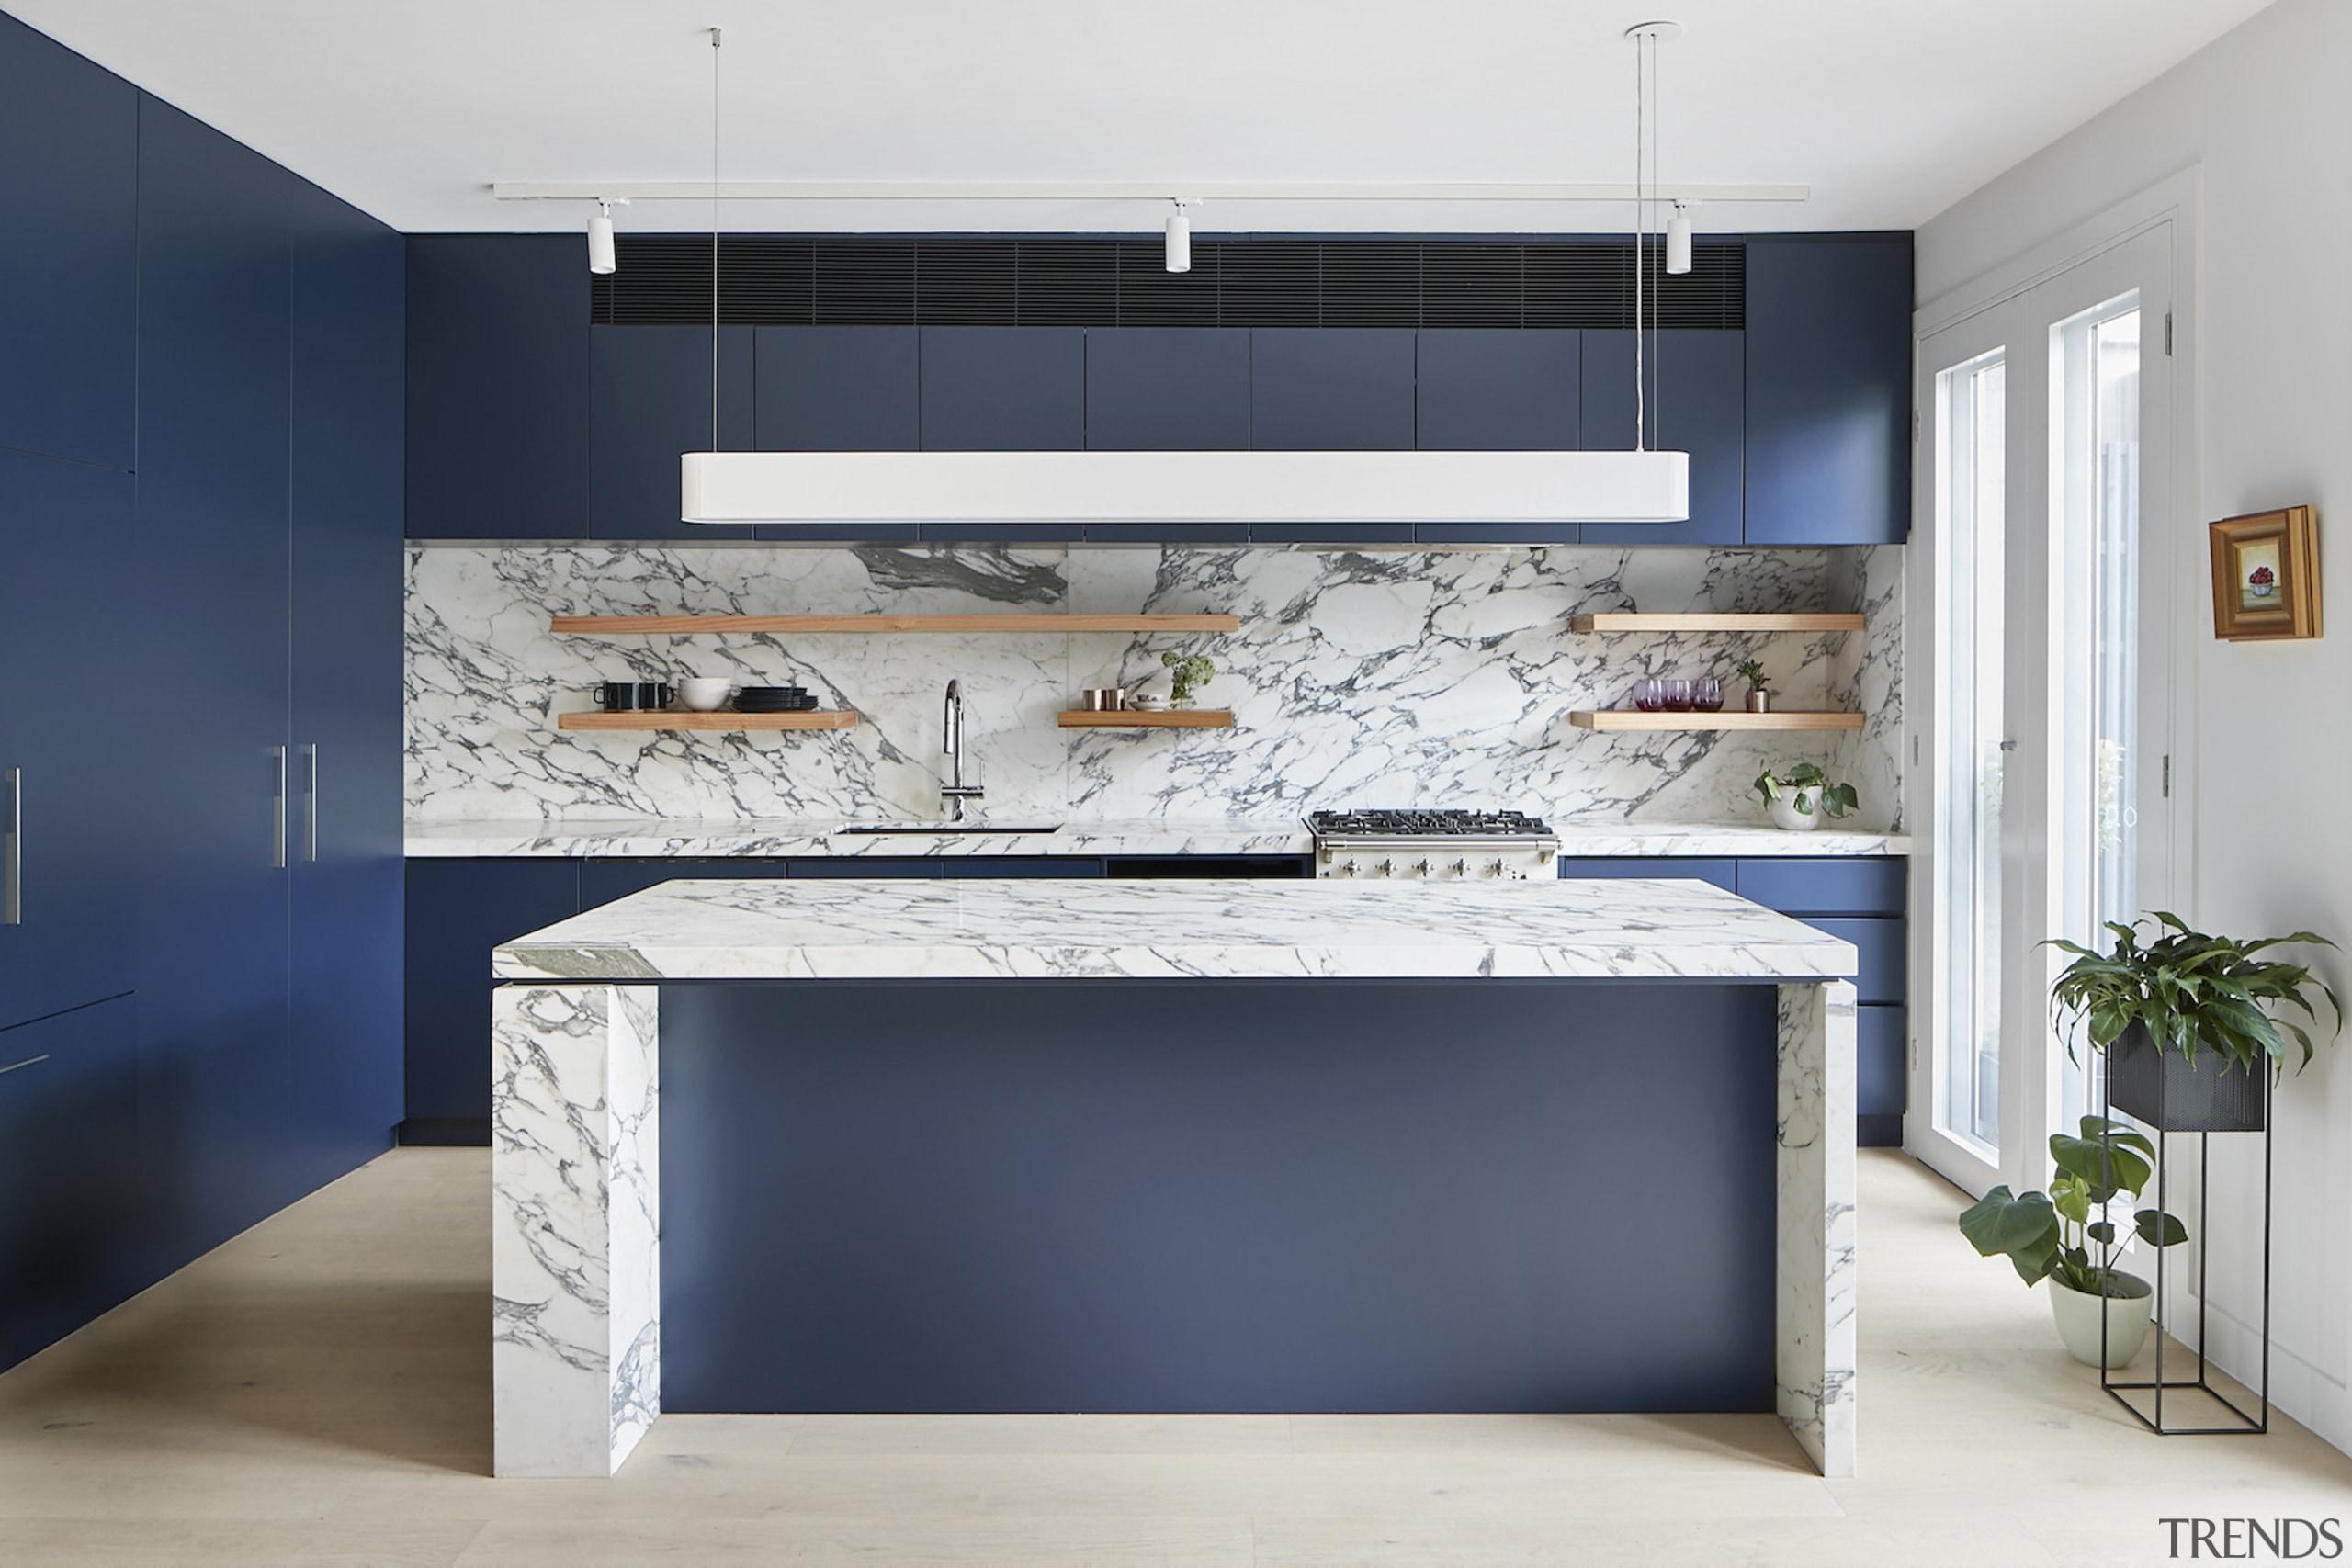 Mcmahon and Nerlich countertop, floor, furniture, interior design, kitchen, white